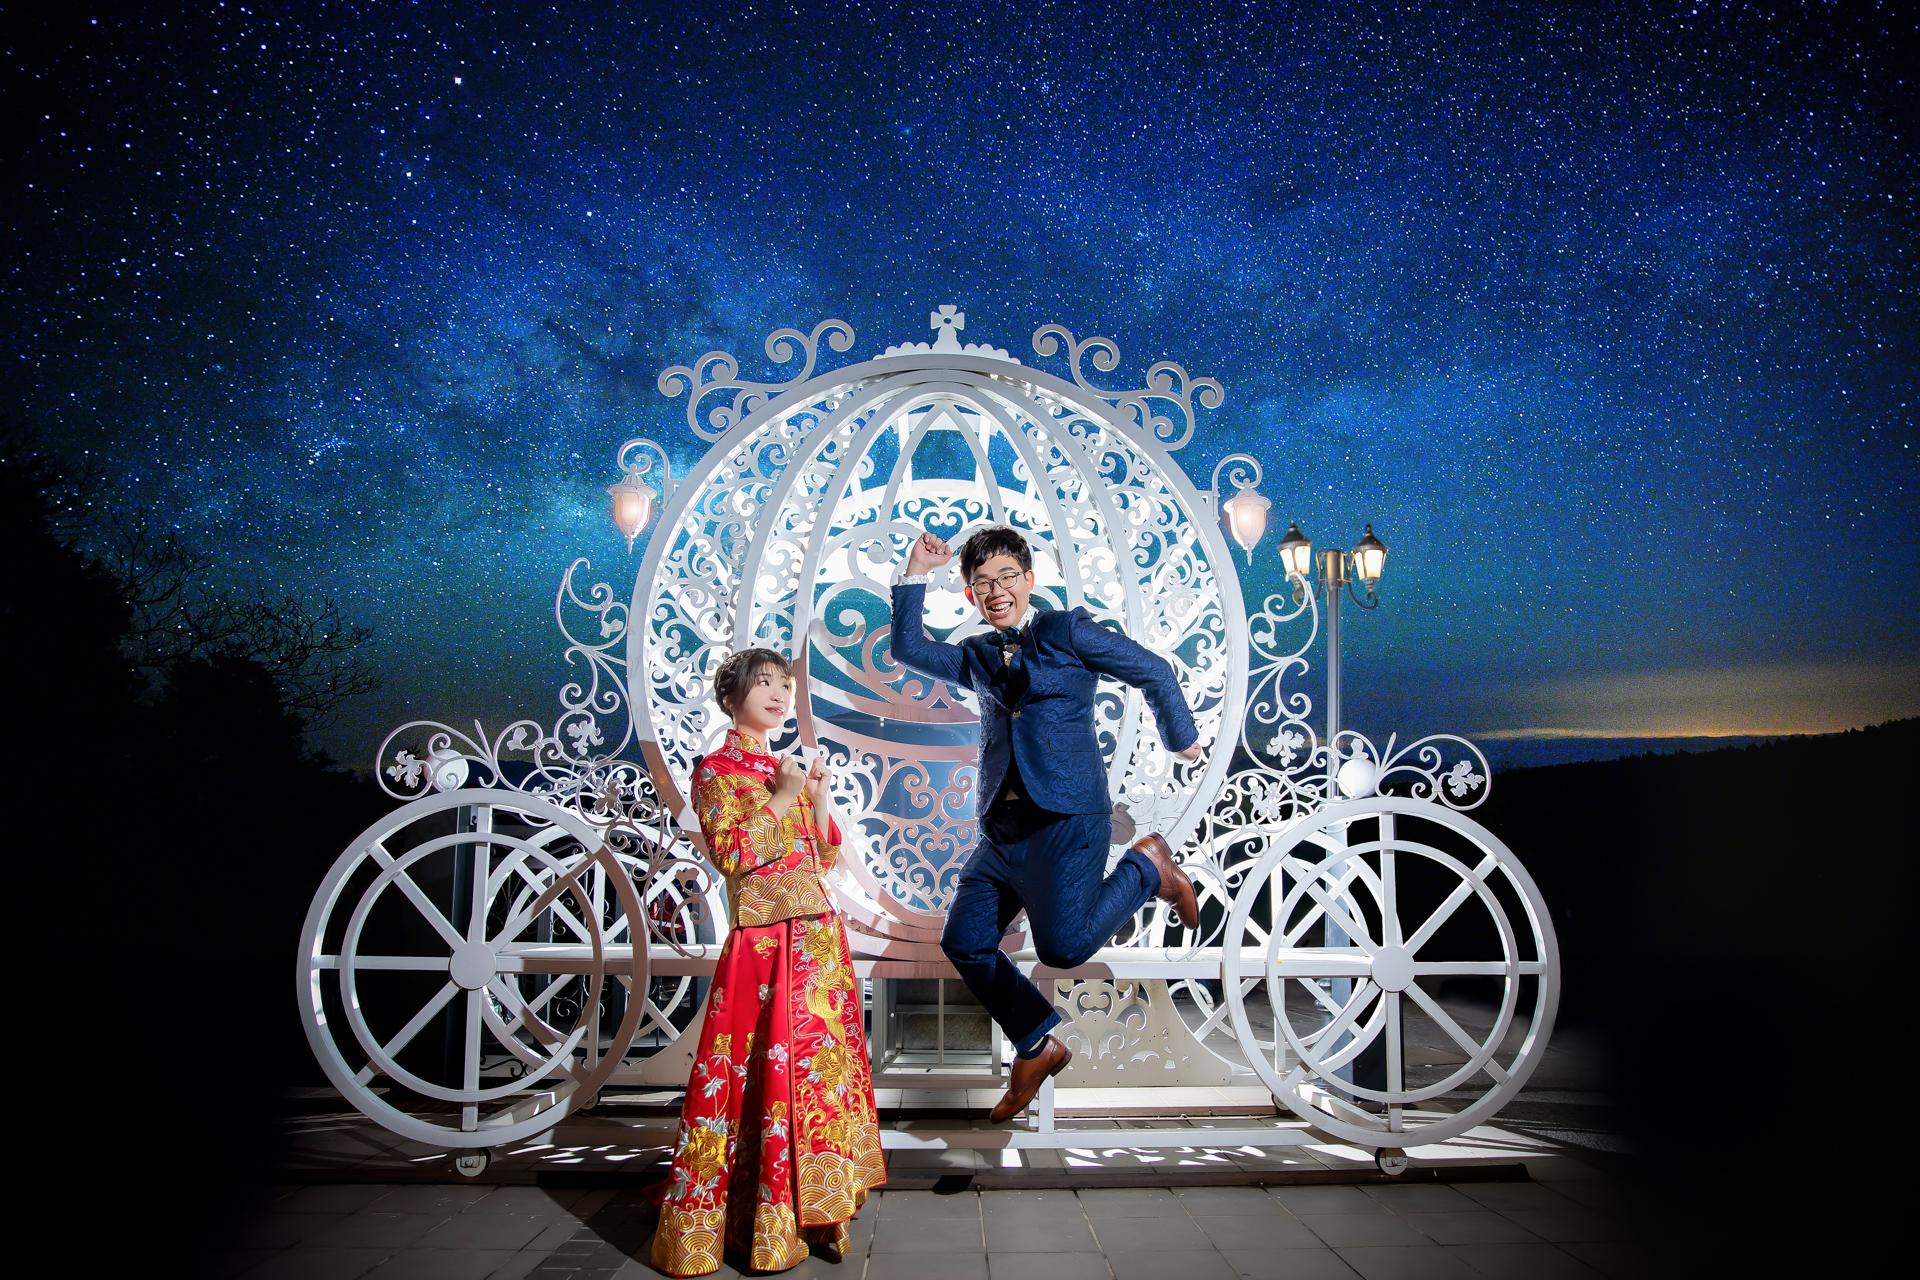 婚攝,彰化婚攝,婚禮攝影,大中華,香港廳